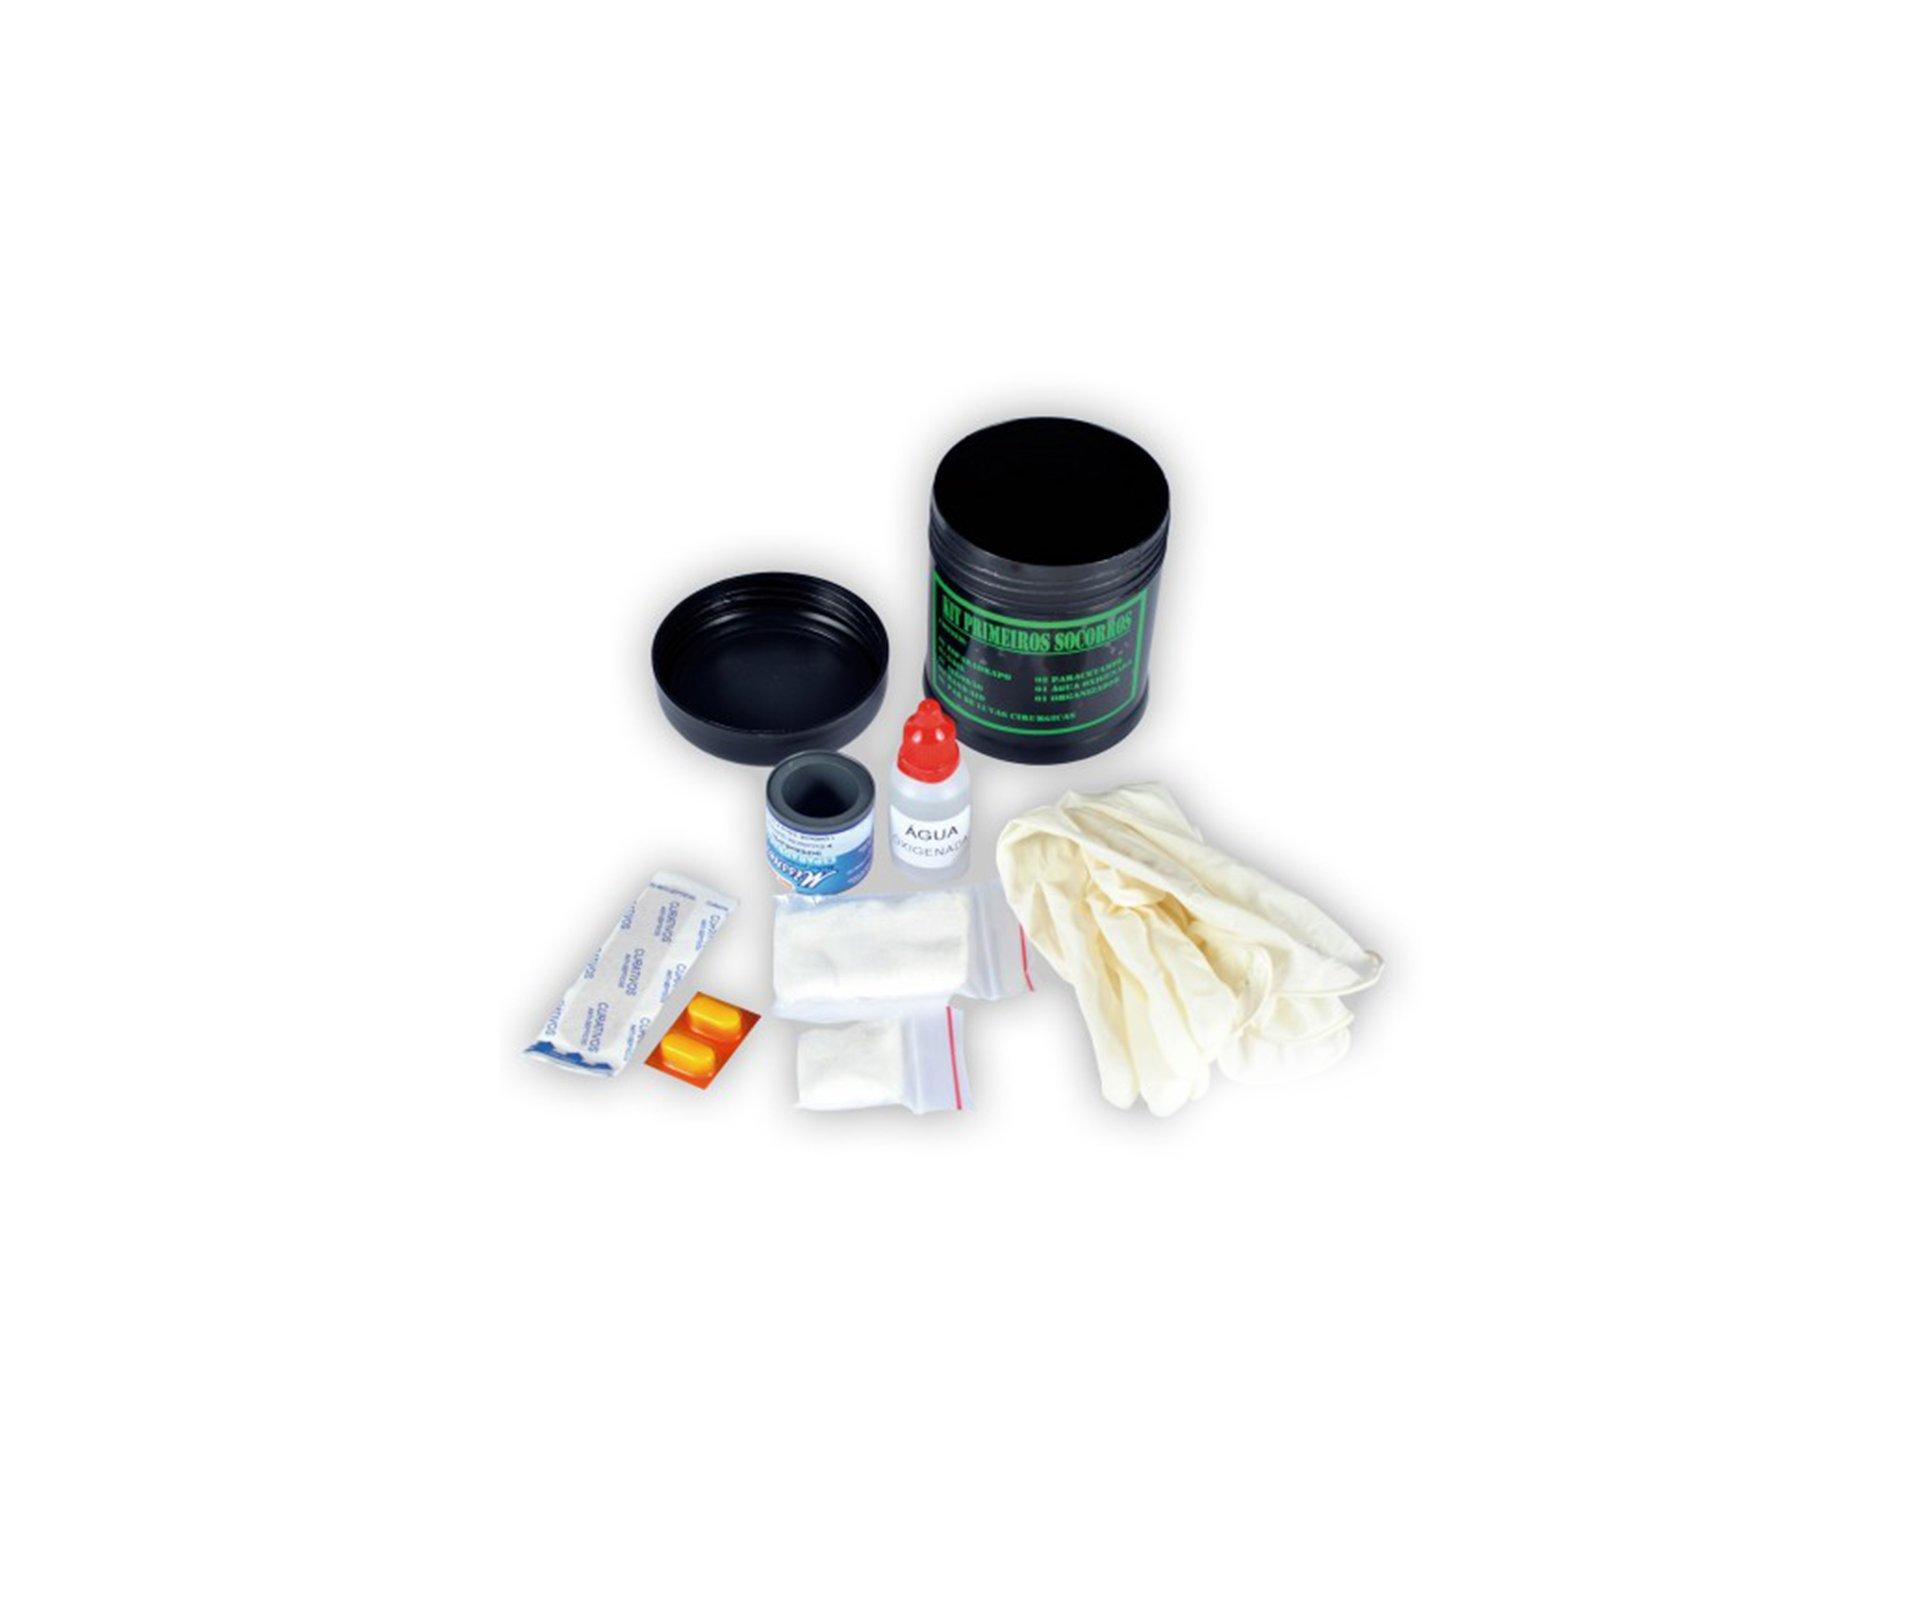 Kit Primeiros Socorros único - Bravo